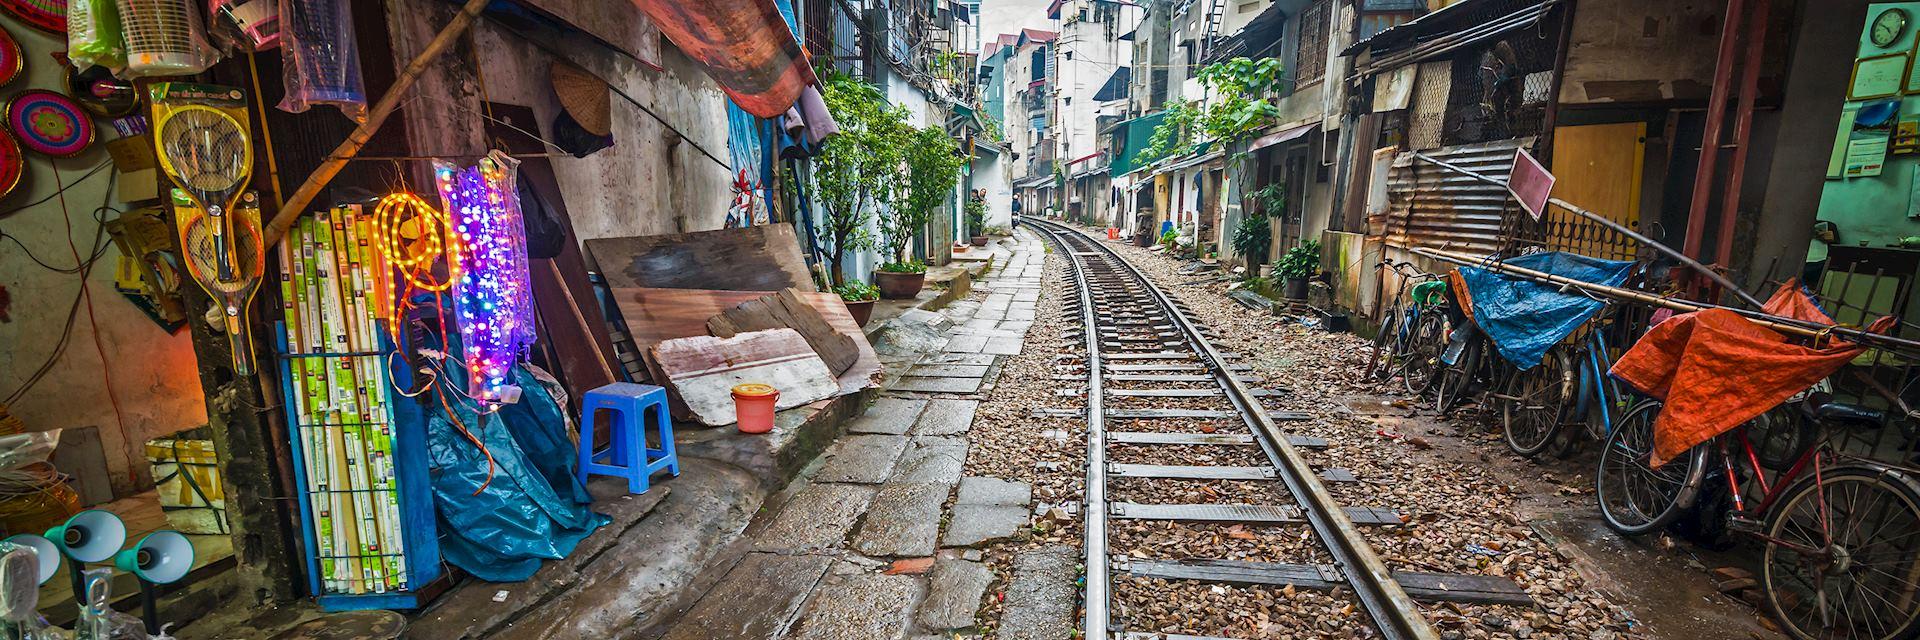 Rail line running through part of Hanoi